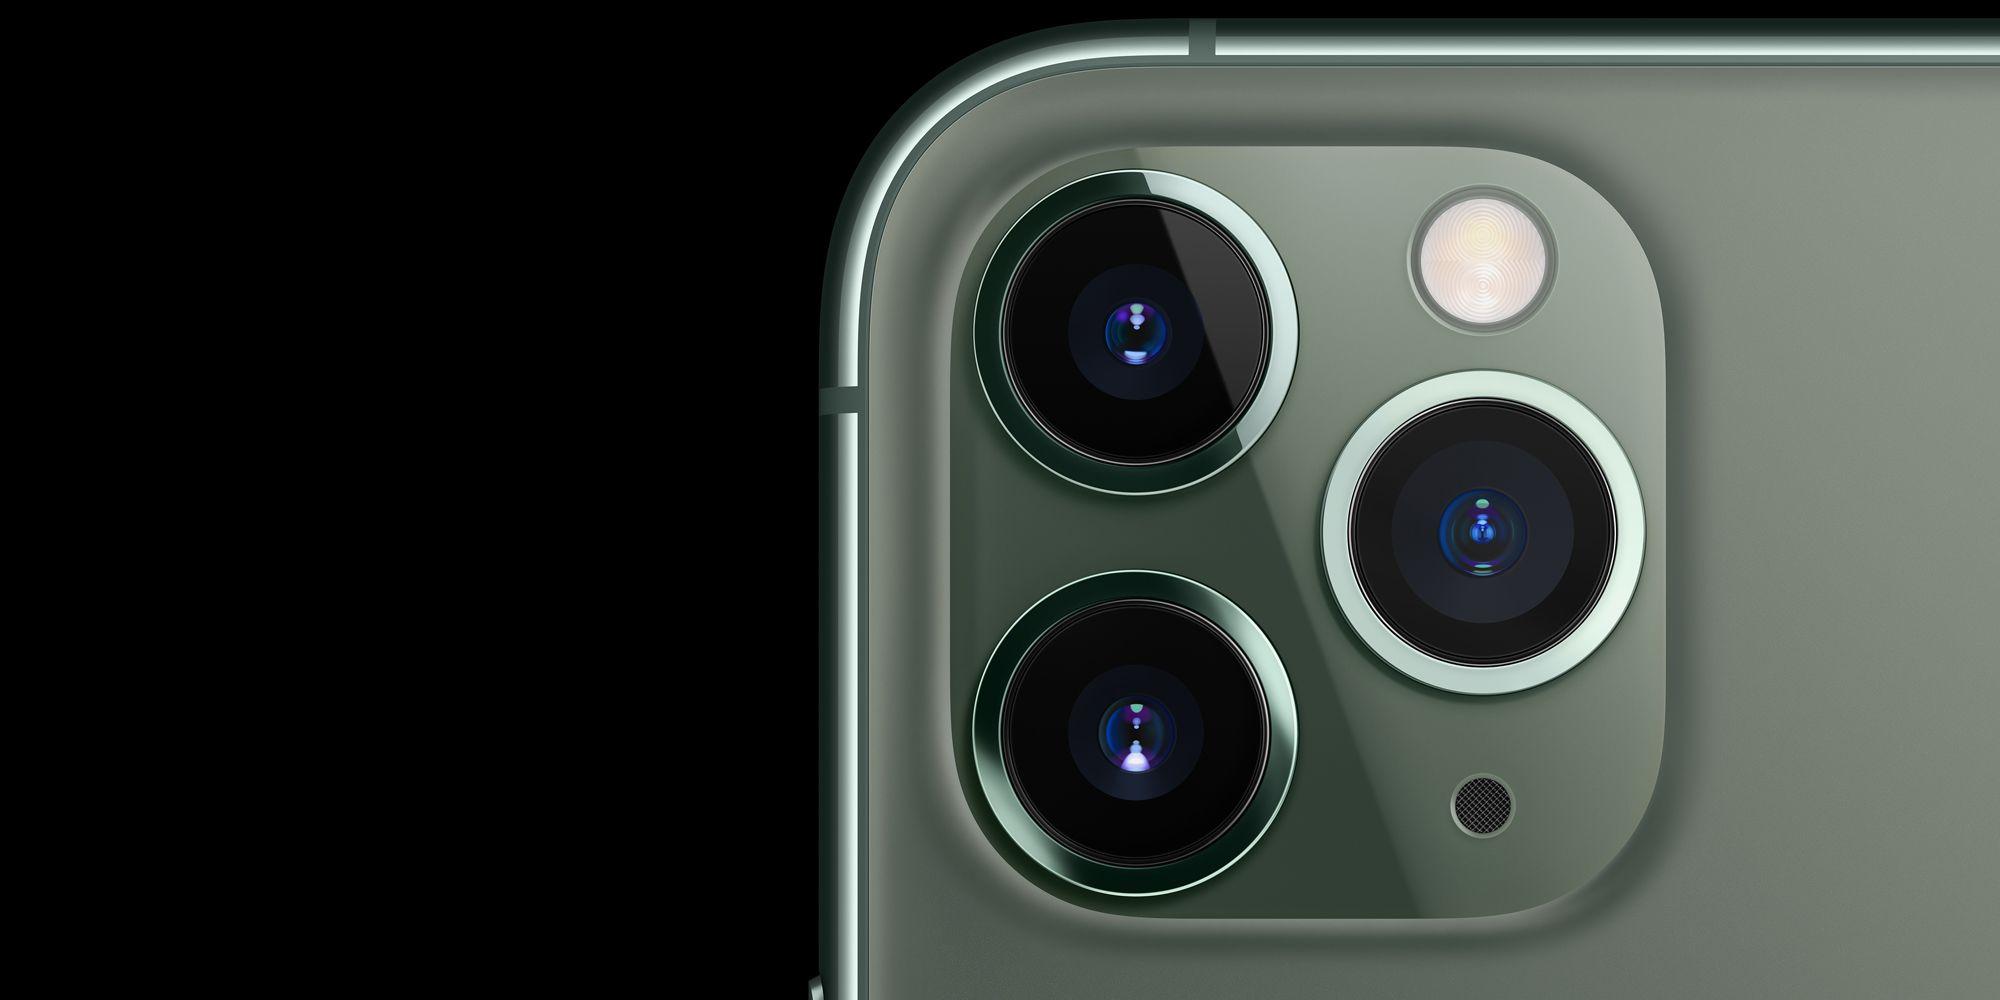 iPad Pro 2020 peab olema varustatud iPhone 11 Pro kaamerakomplektiga